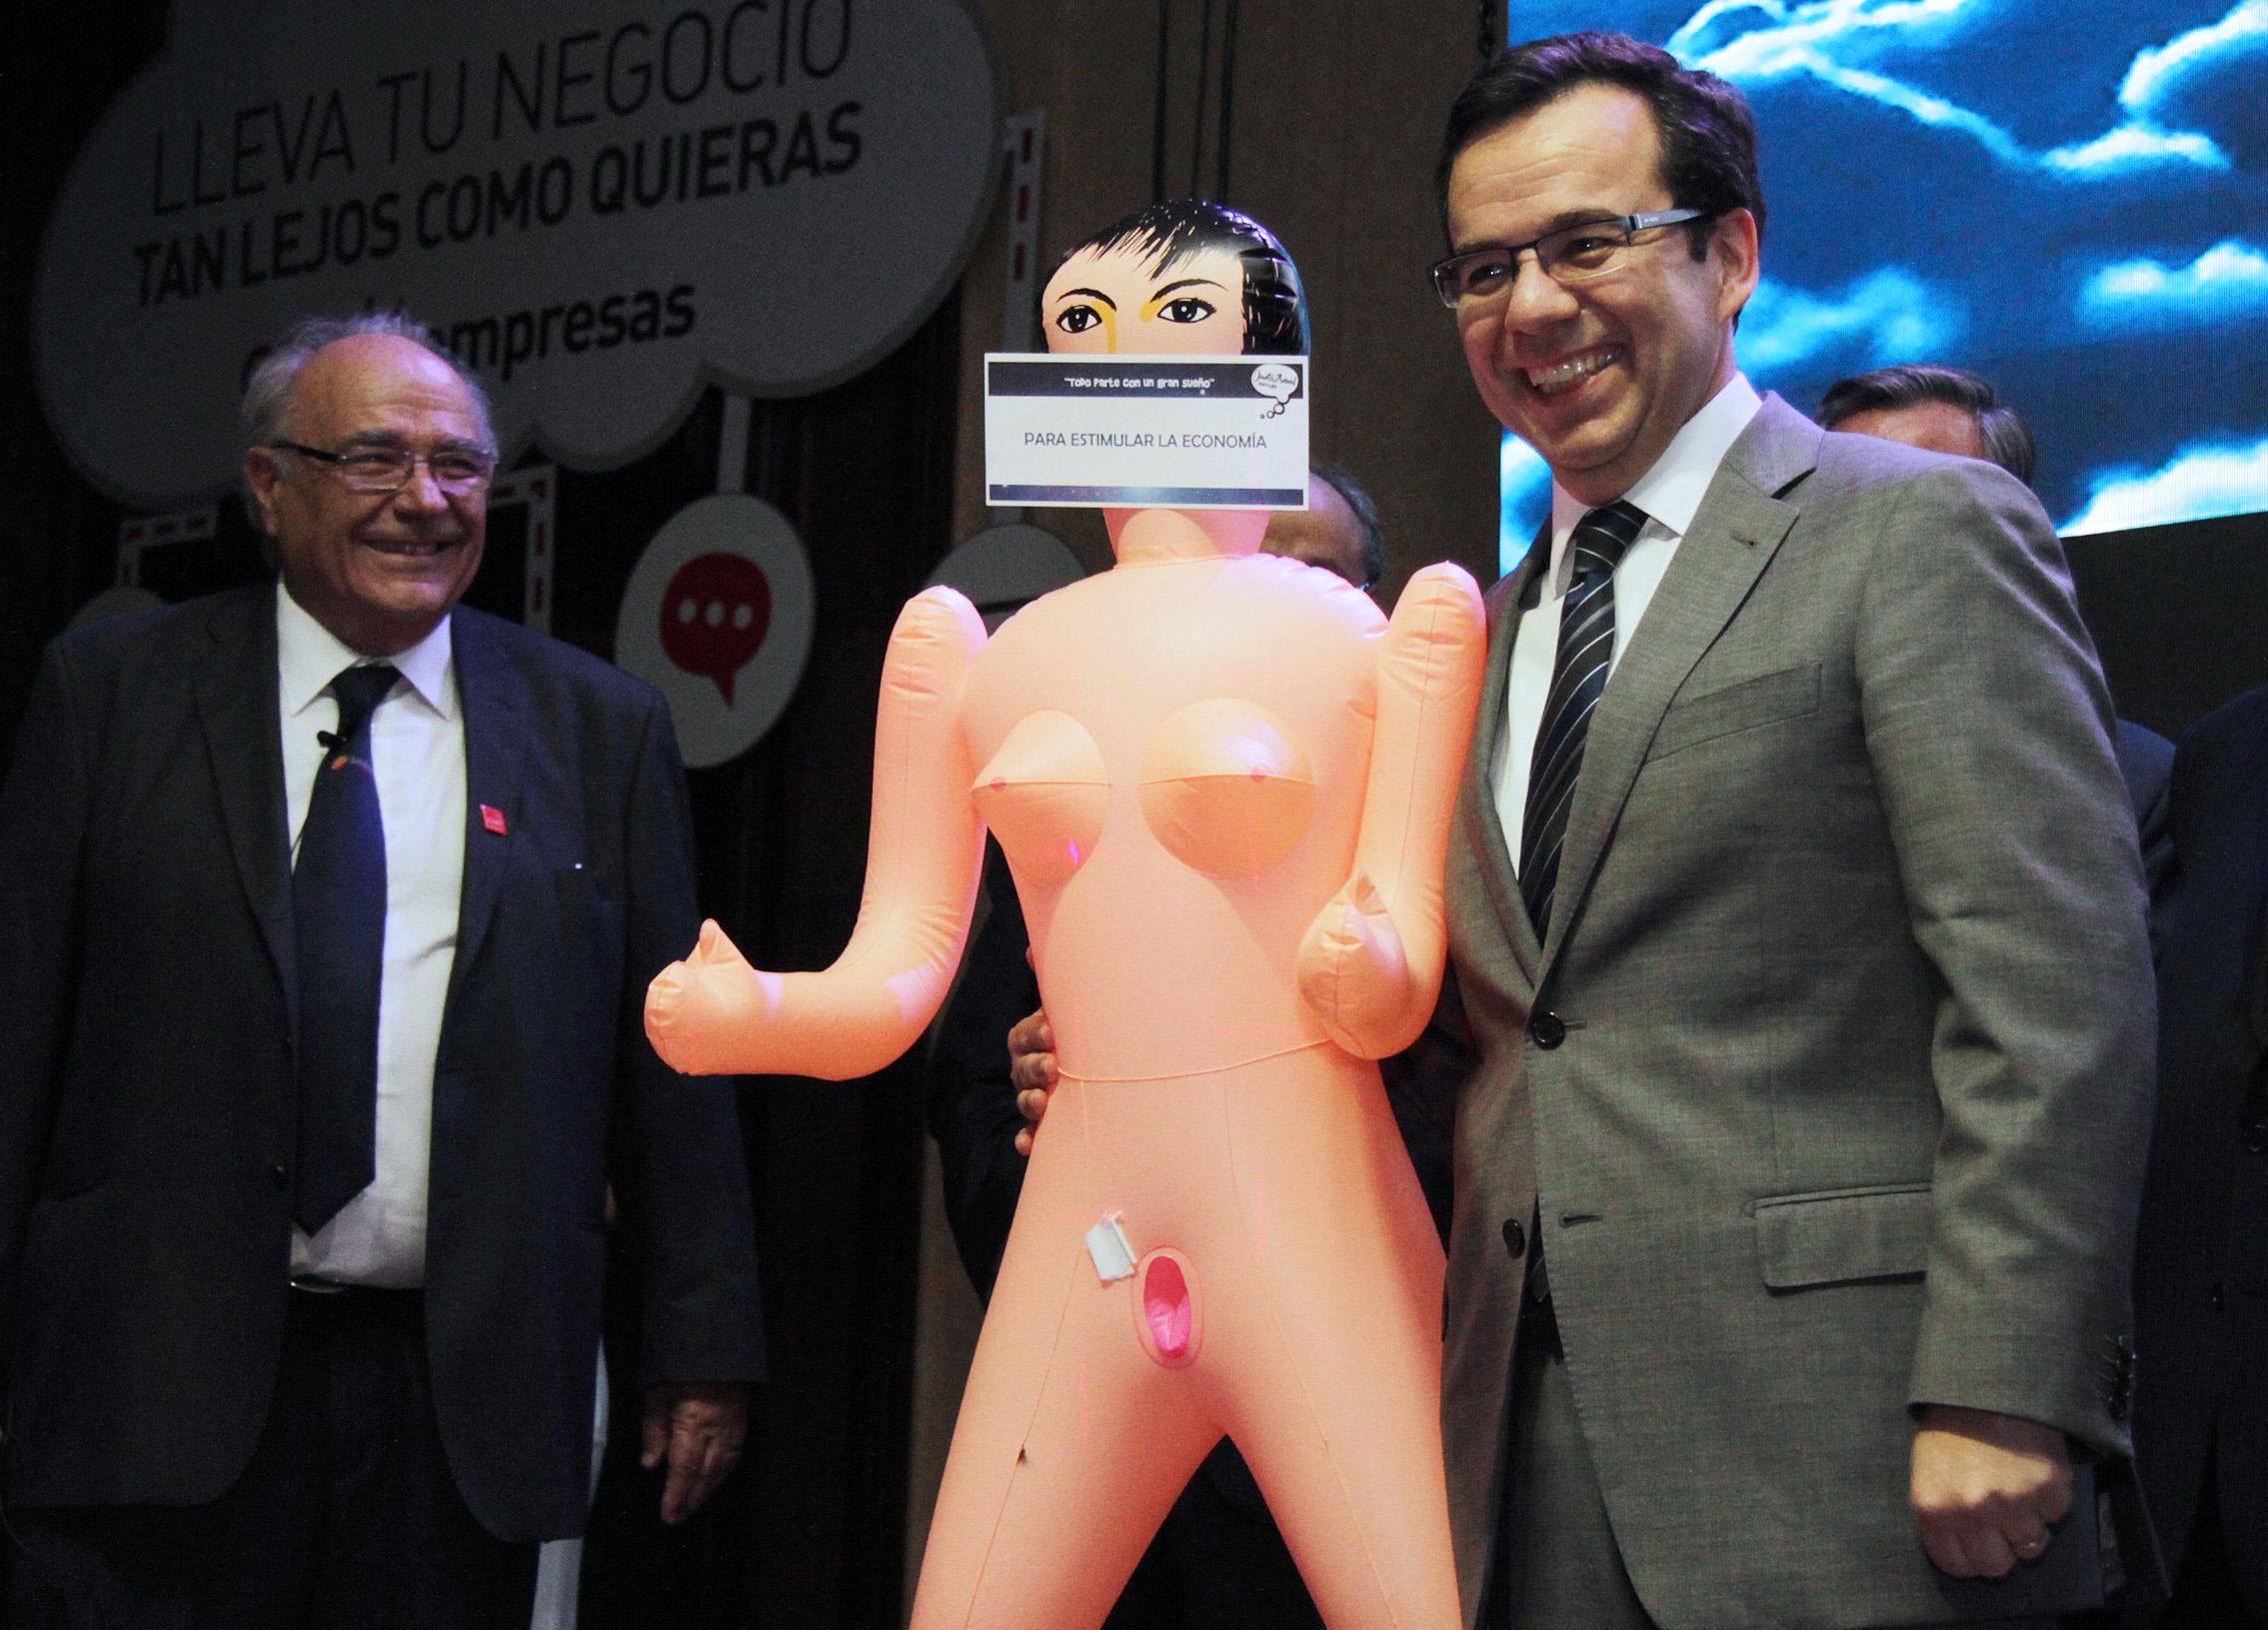 Primera acción legal contra Fantuzzi: el PRI toma la delantera en el muñeca-gate